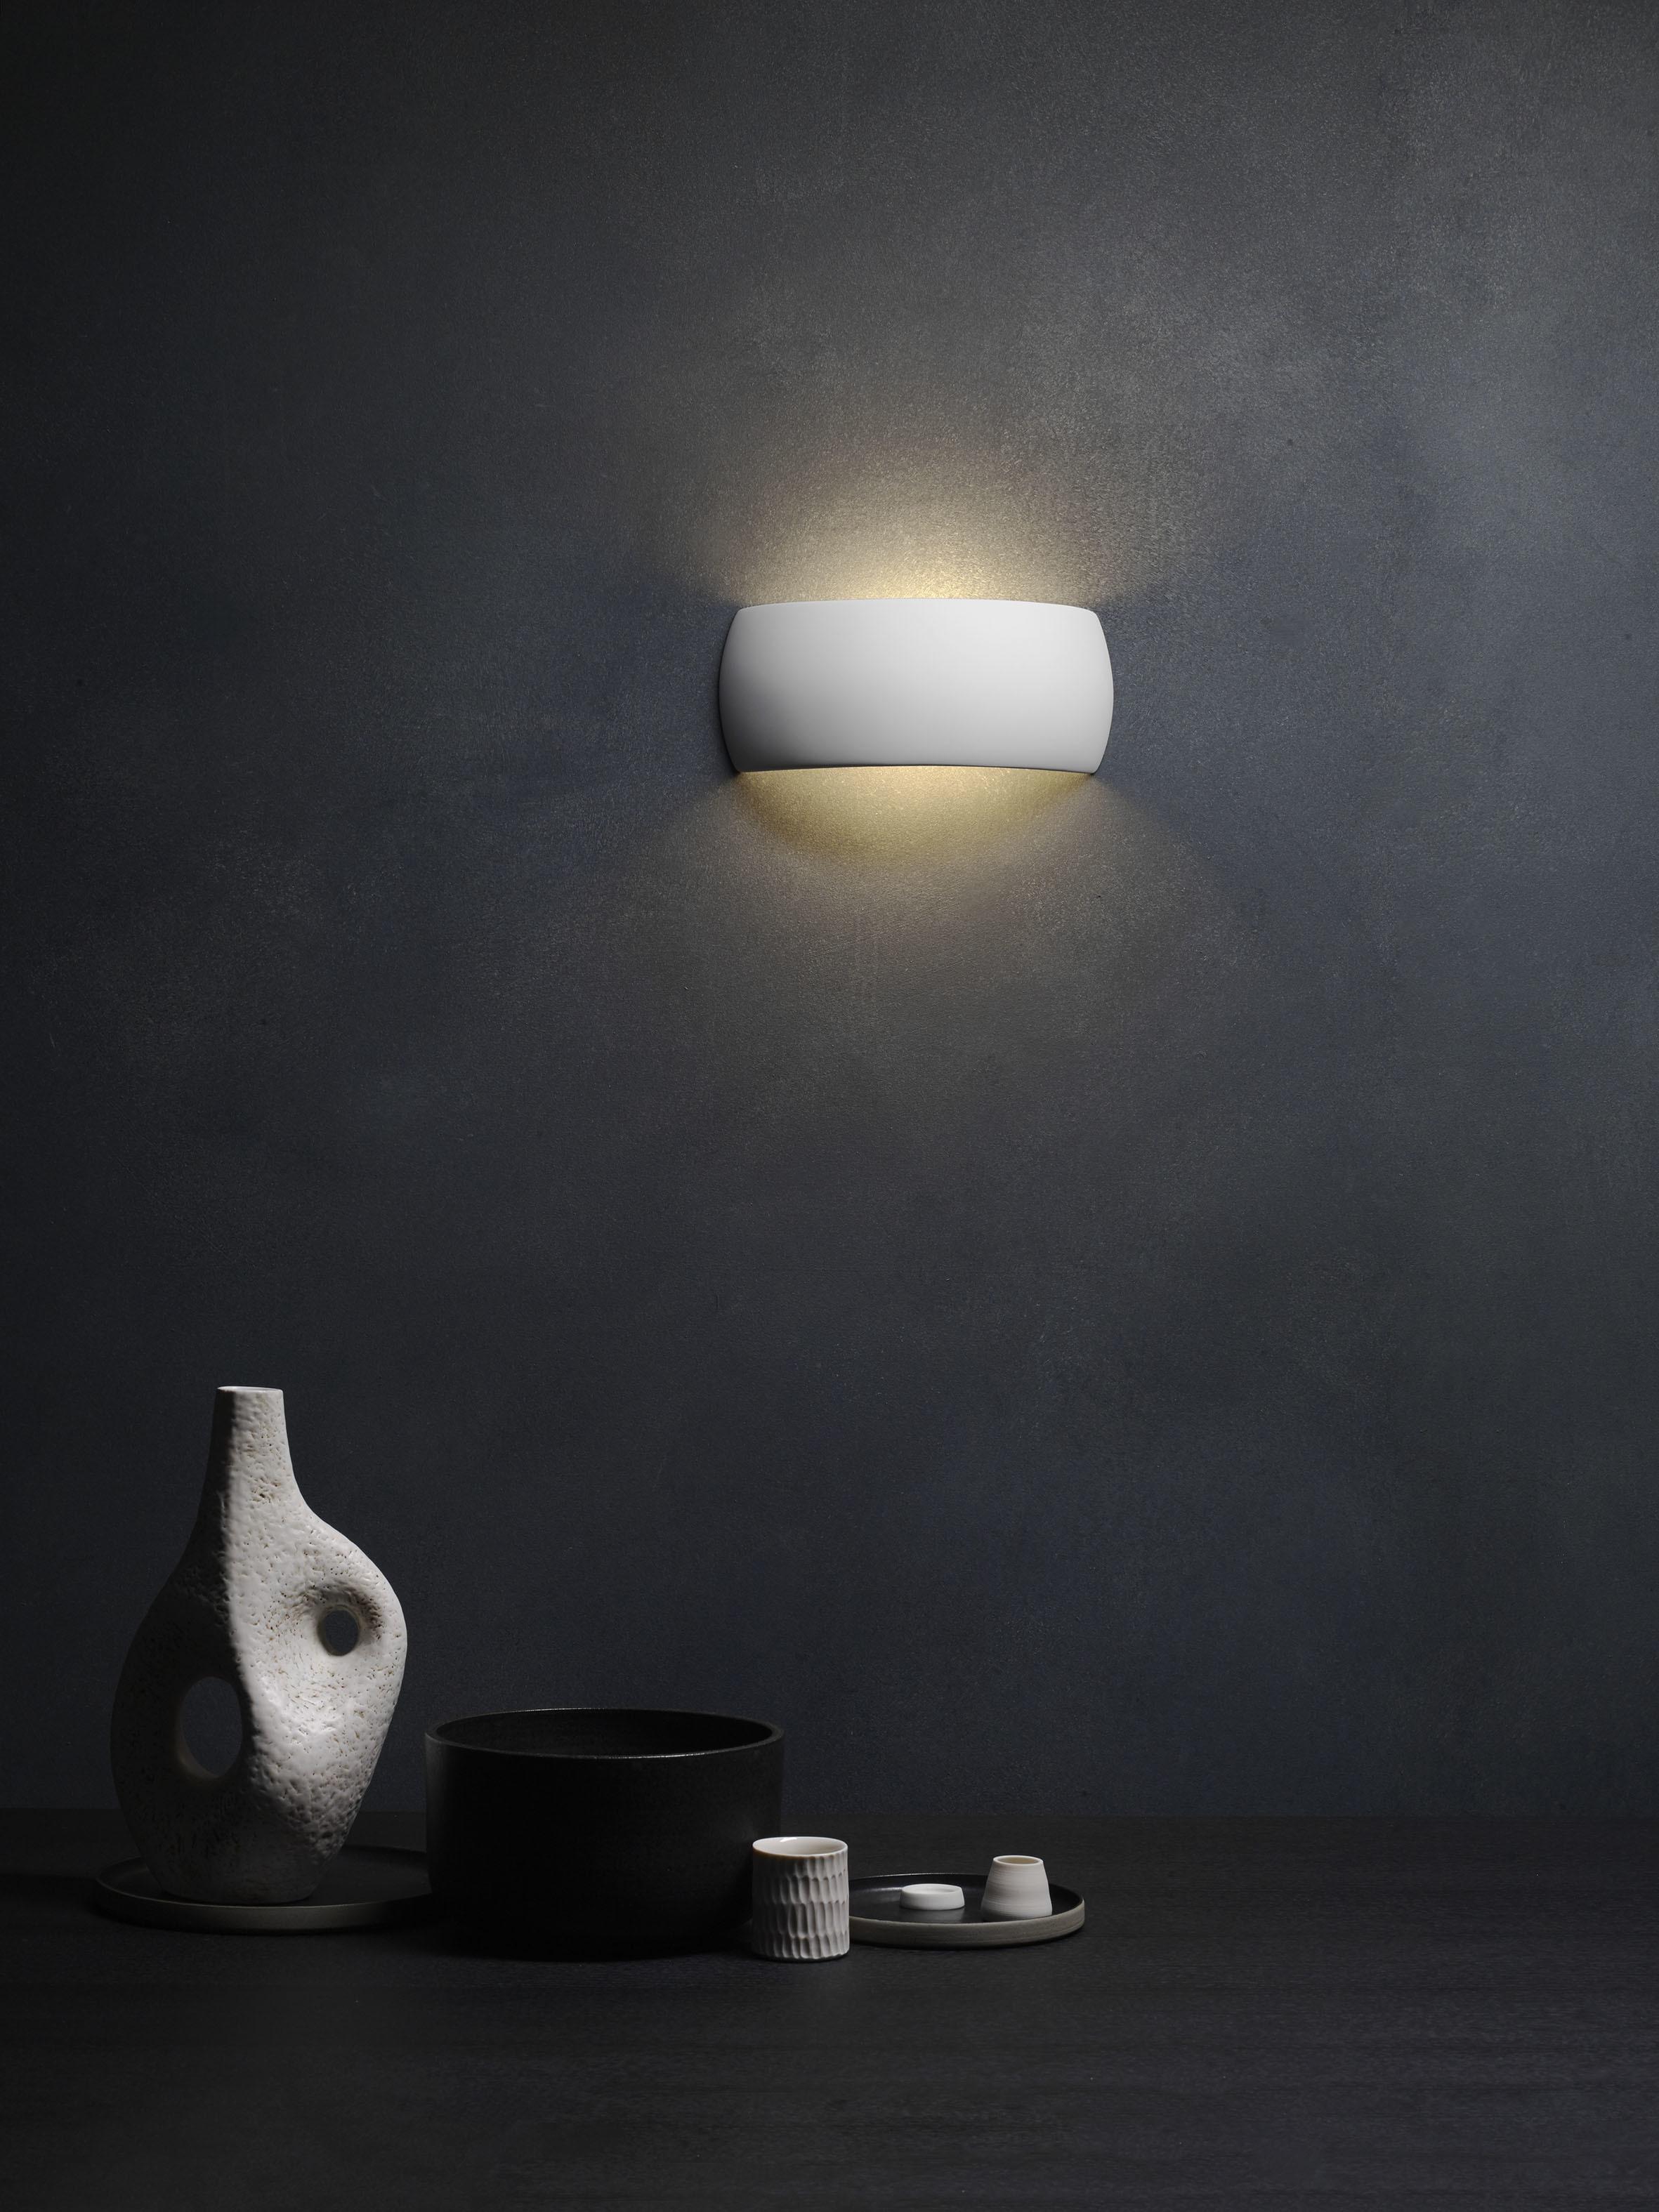 Настенный светильник Astro Milo 1299001 (7073), 1xE27x60W, белый, под покраску, керамика - фото 4